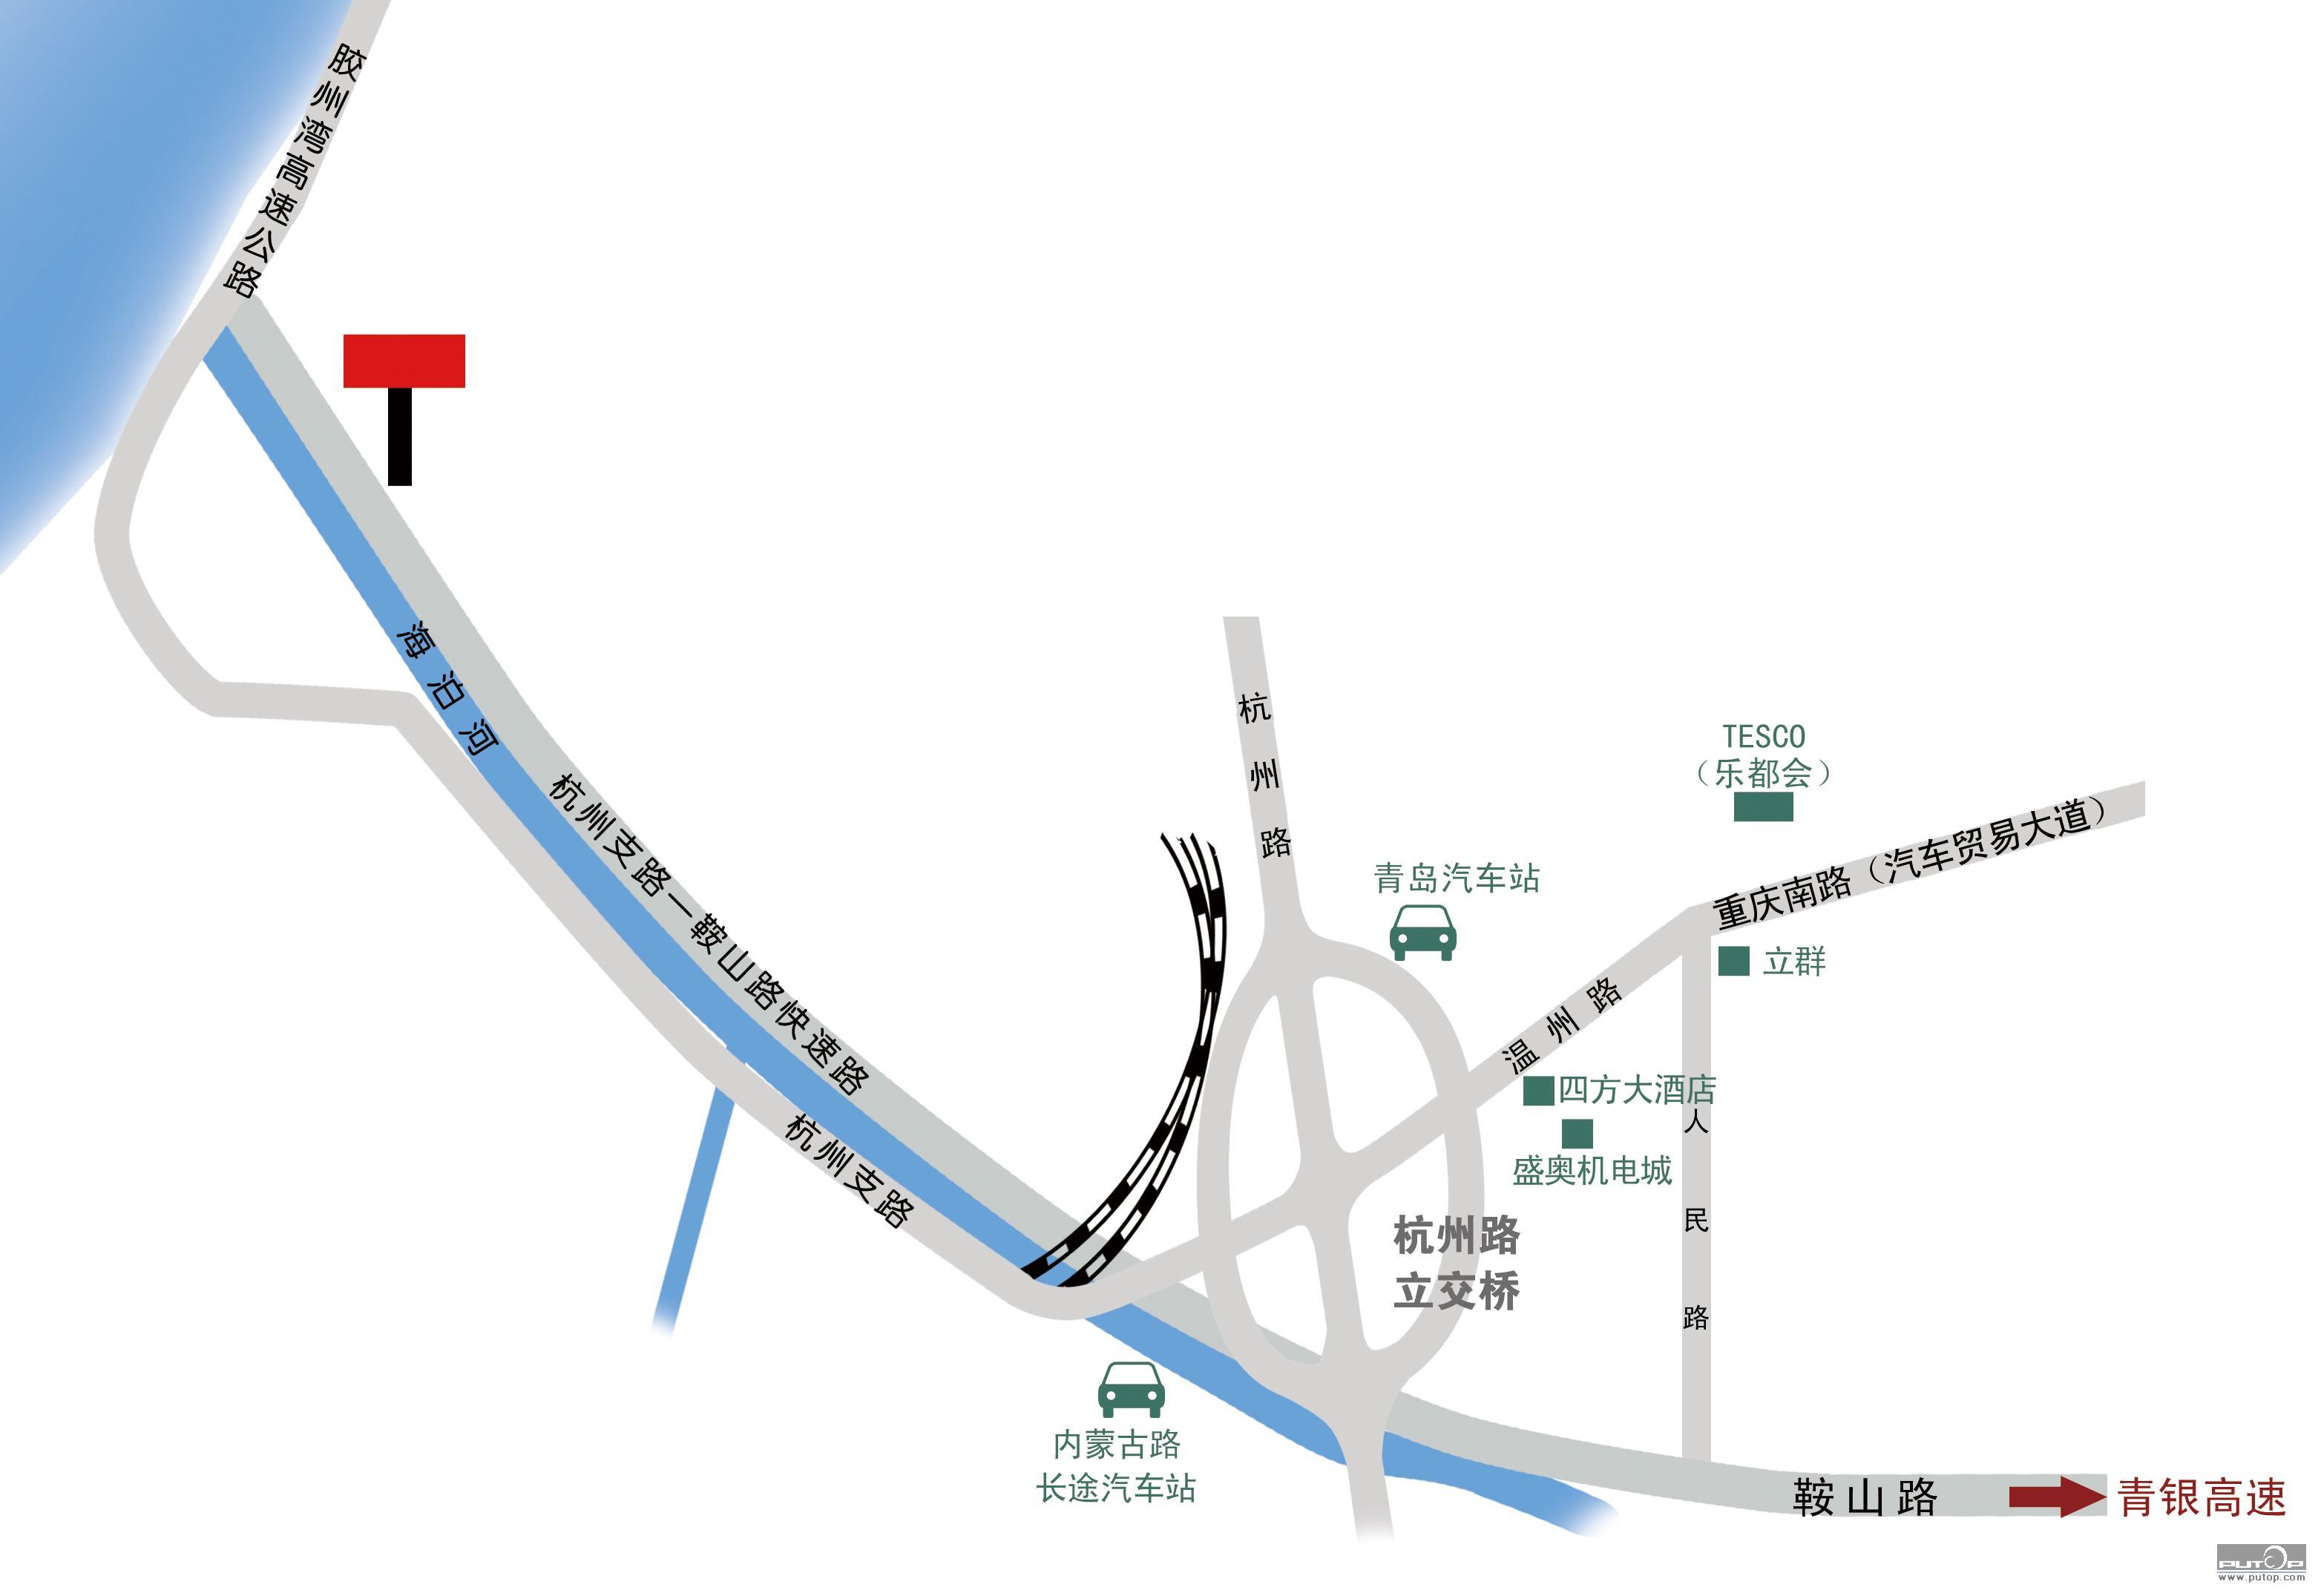 杭-鞍快速路西起胶州湾高速入口;东直至辽阳西路,海尔路,青岛汽车东站